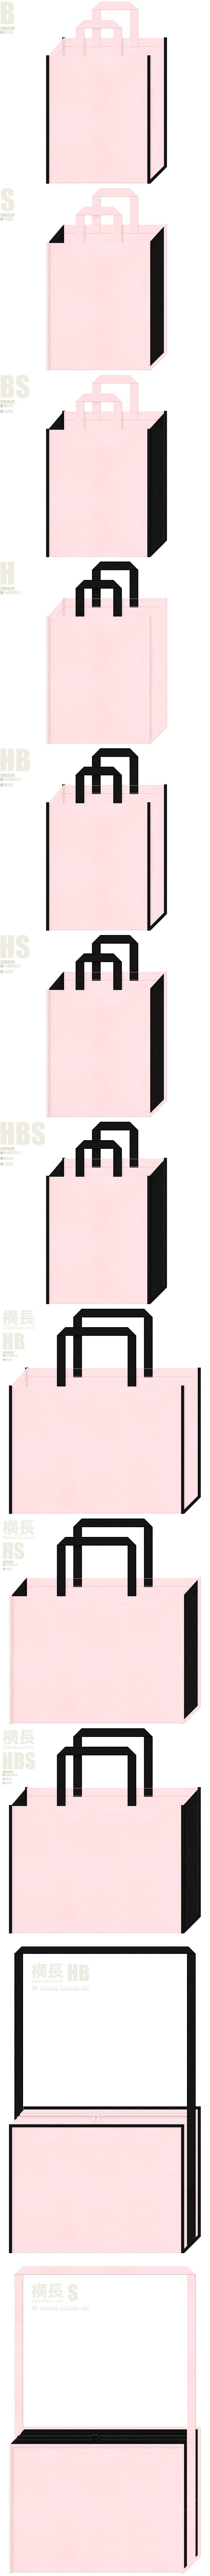 ゴスロリ・魔法使いのイメージにお奨めの不織布バッグデザイン:桜色と黒色の配色7パターン。